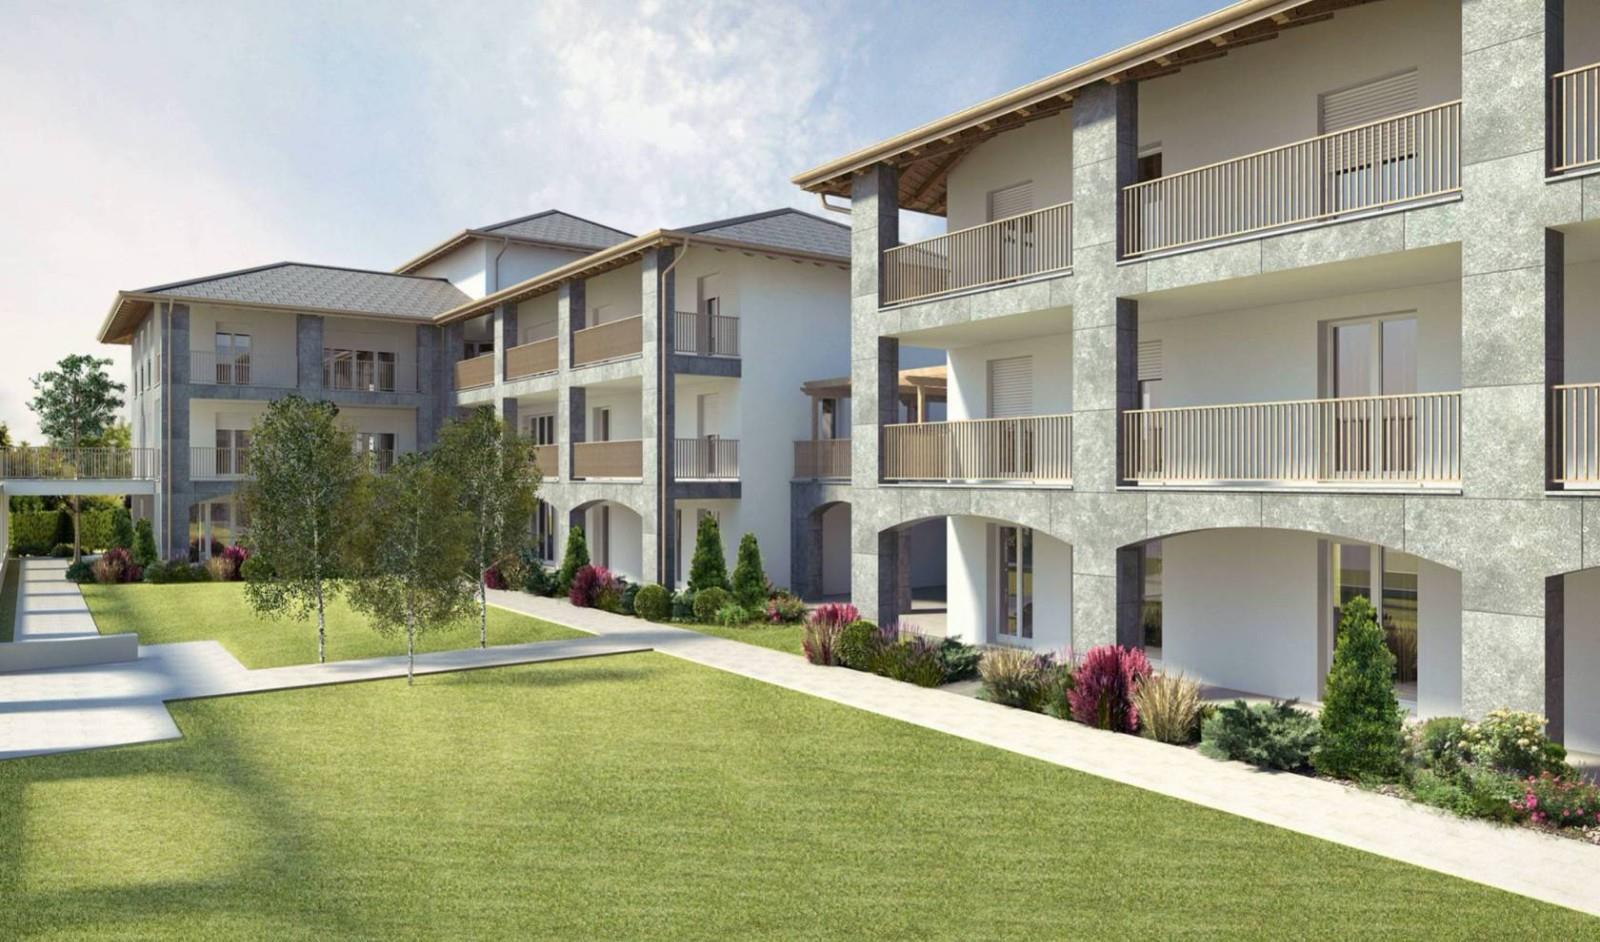 Foto 8 - Appartamento in Vendita - Monza, Zona Regina Pacis